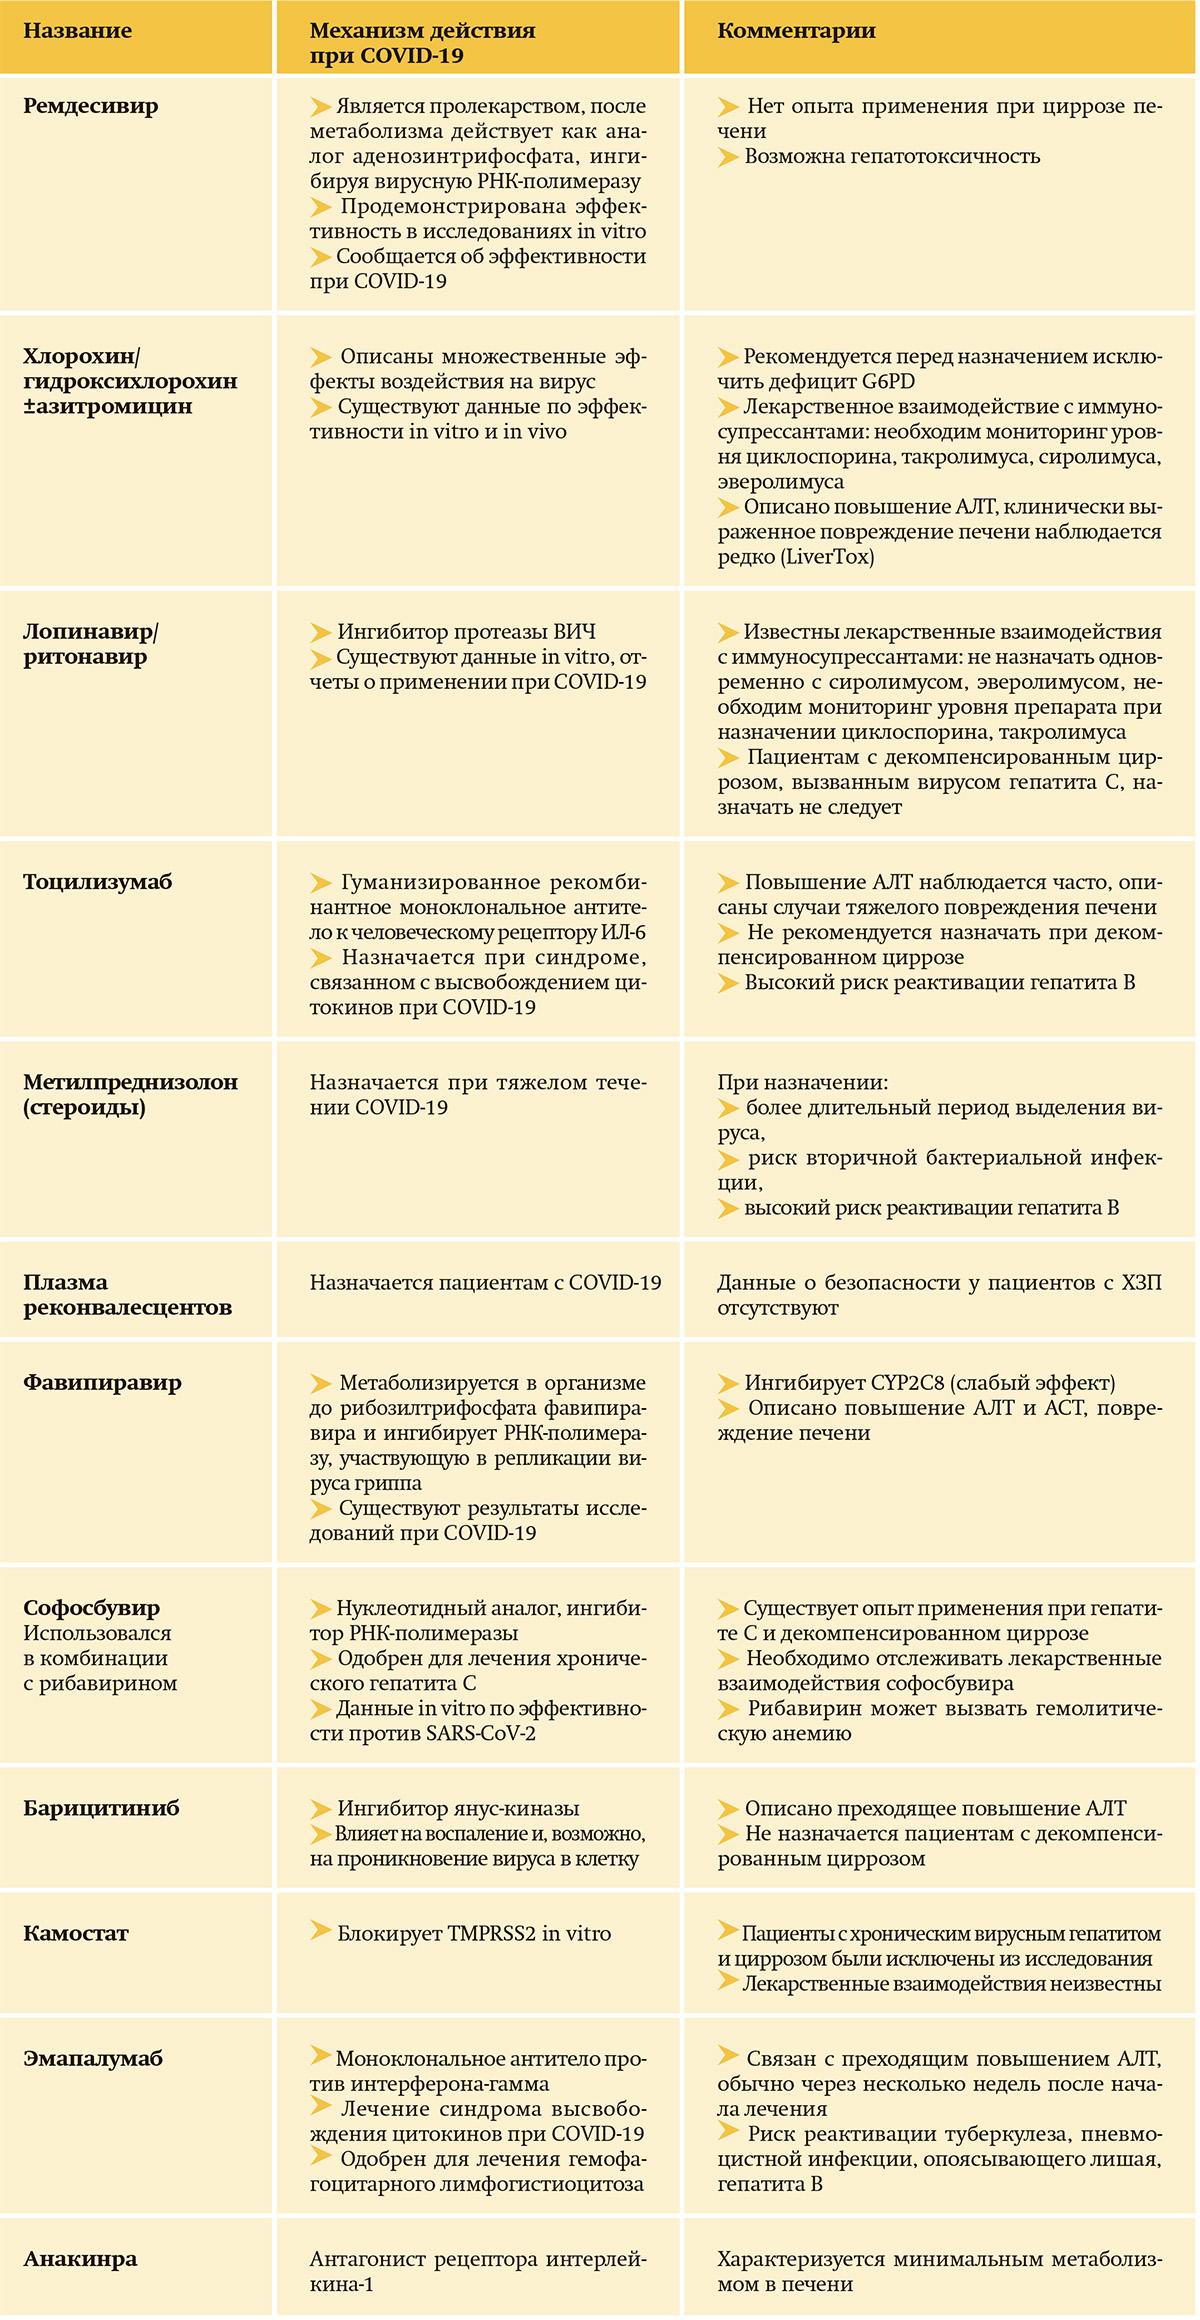 таблица стр.7